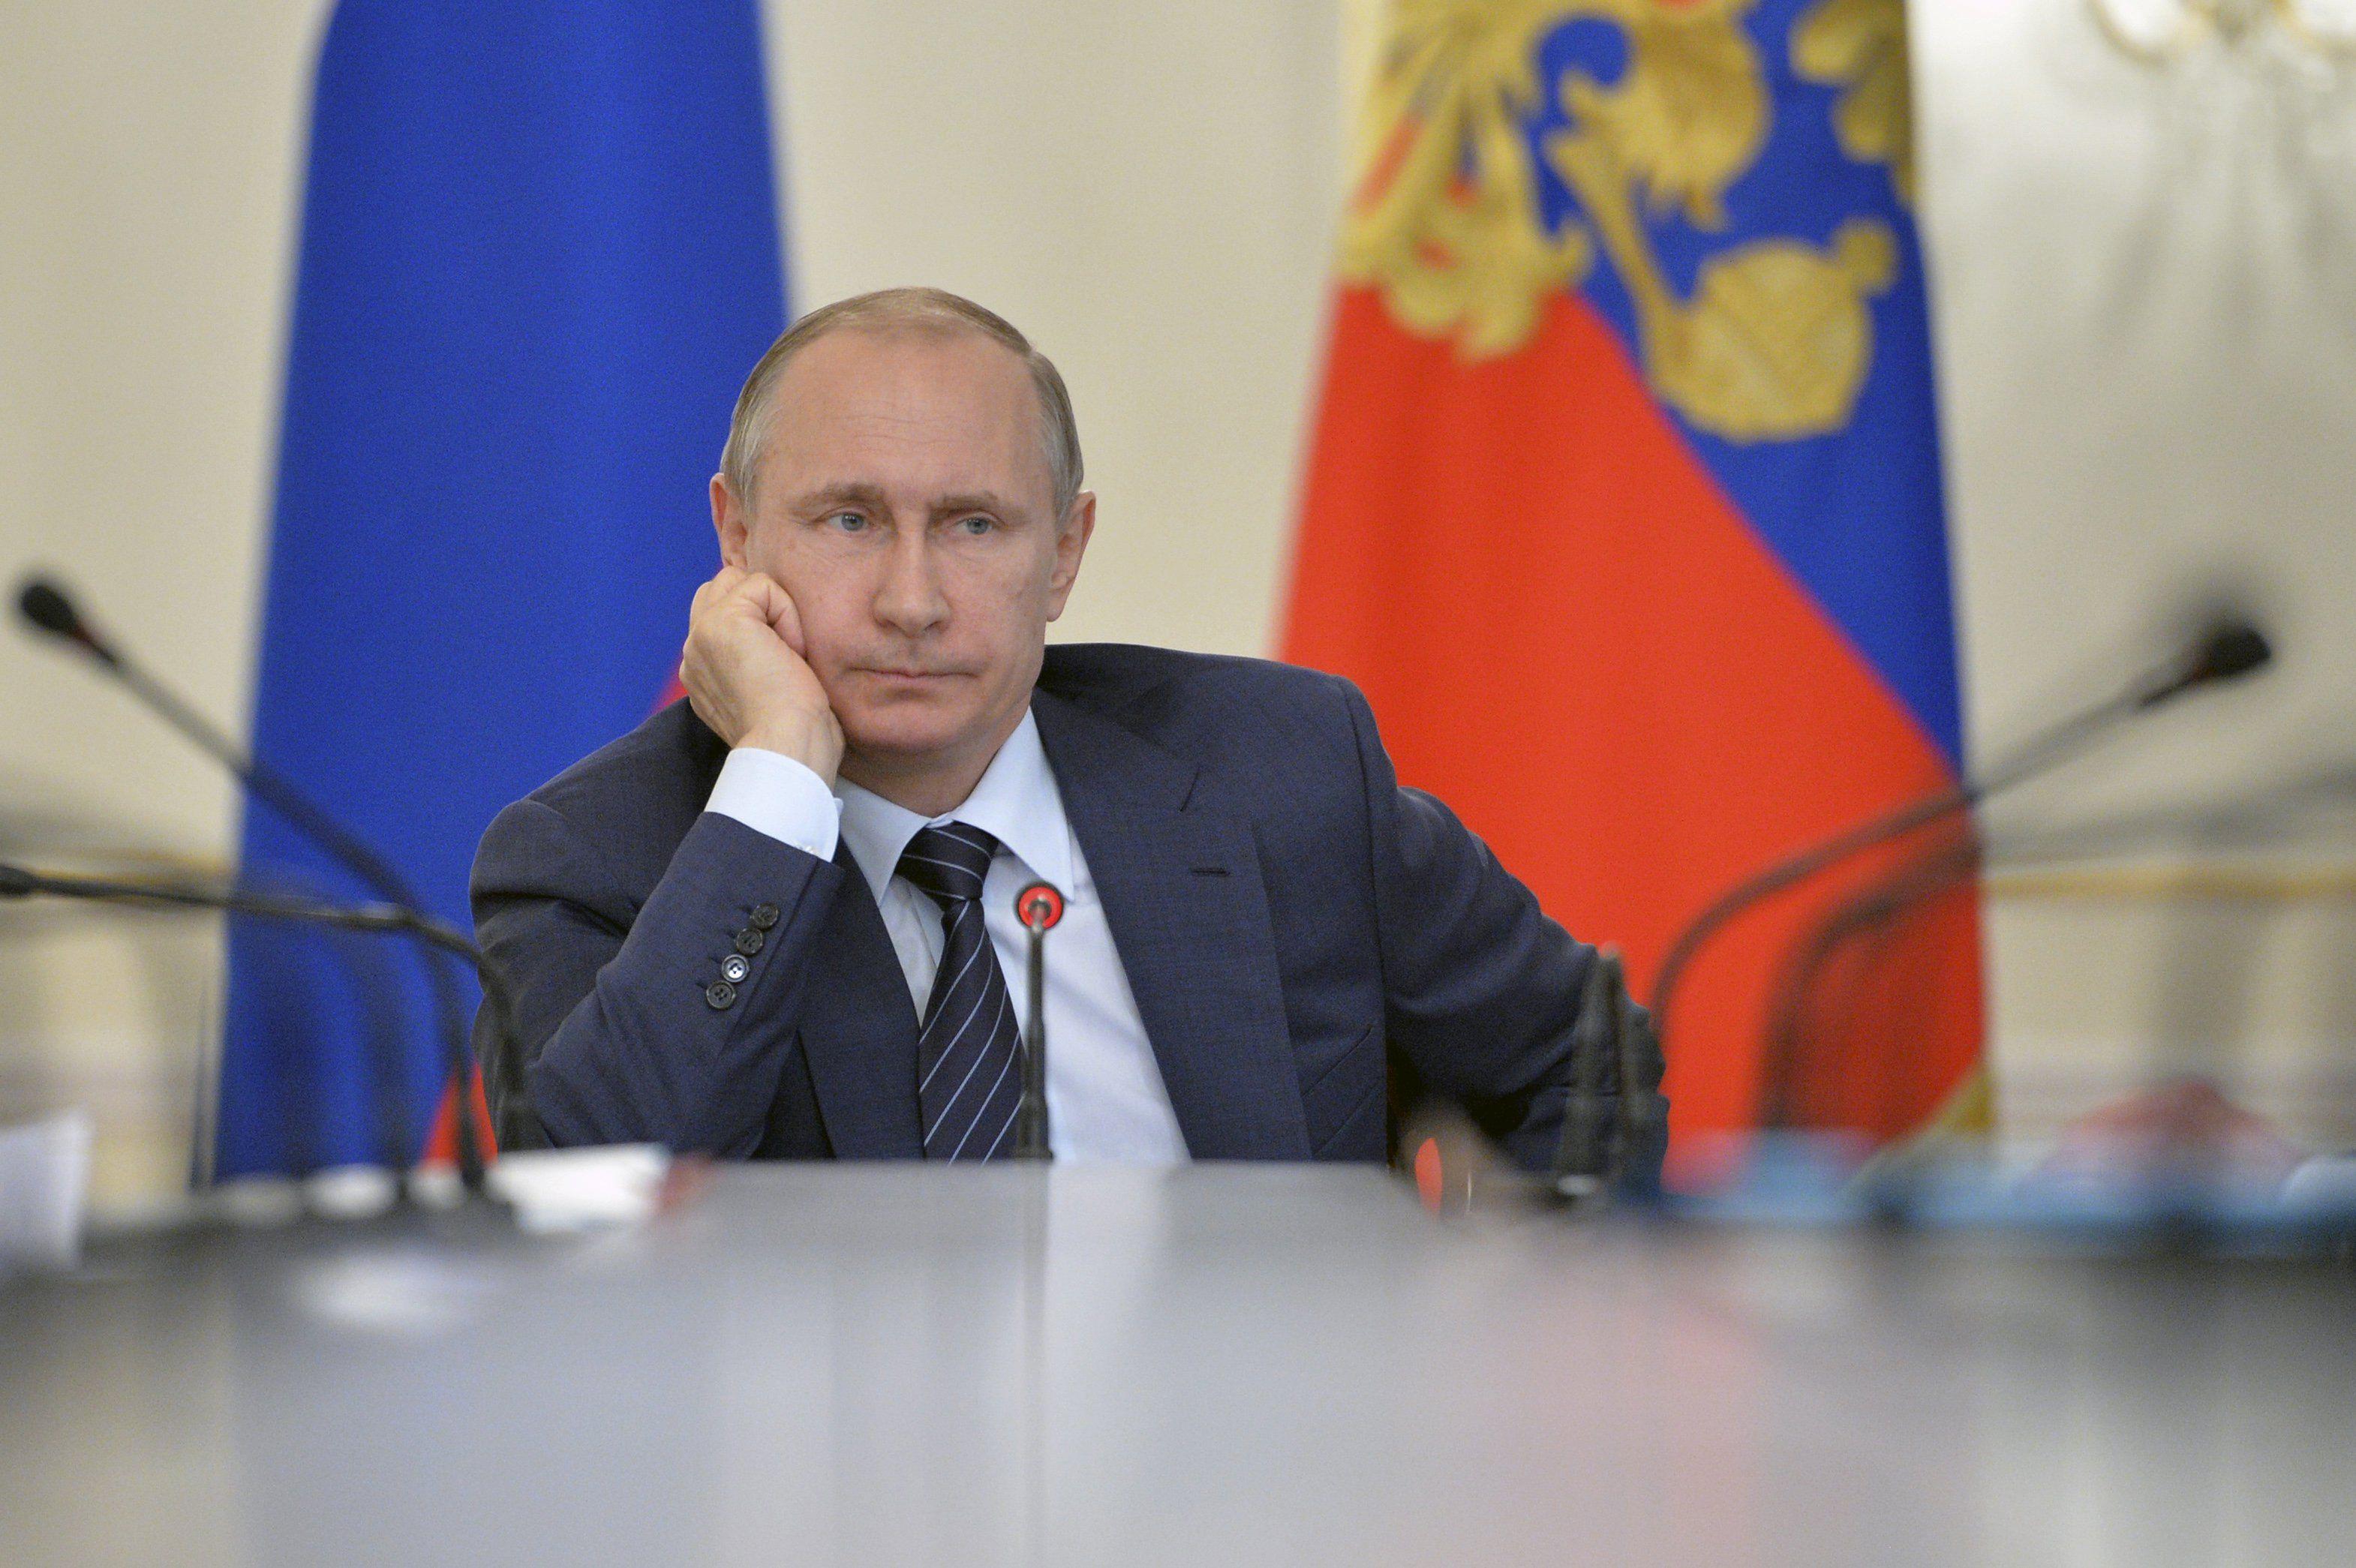 Брат Немцова рассказал о путинской авантюре на Ближнем Востоке